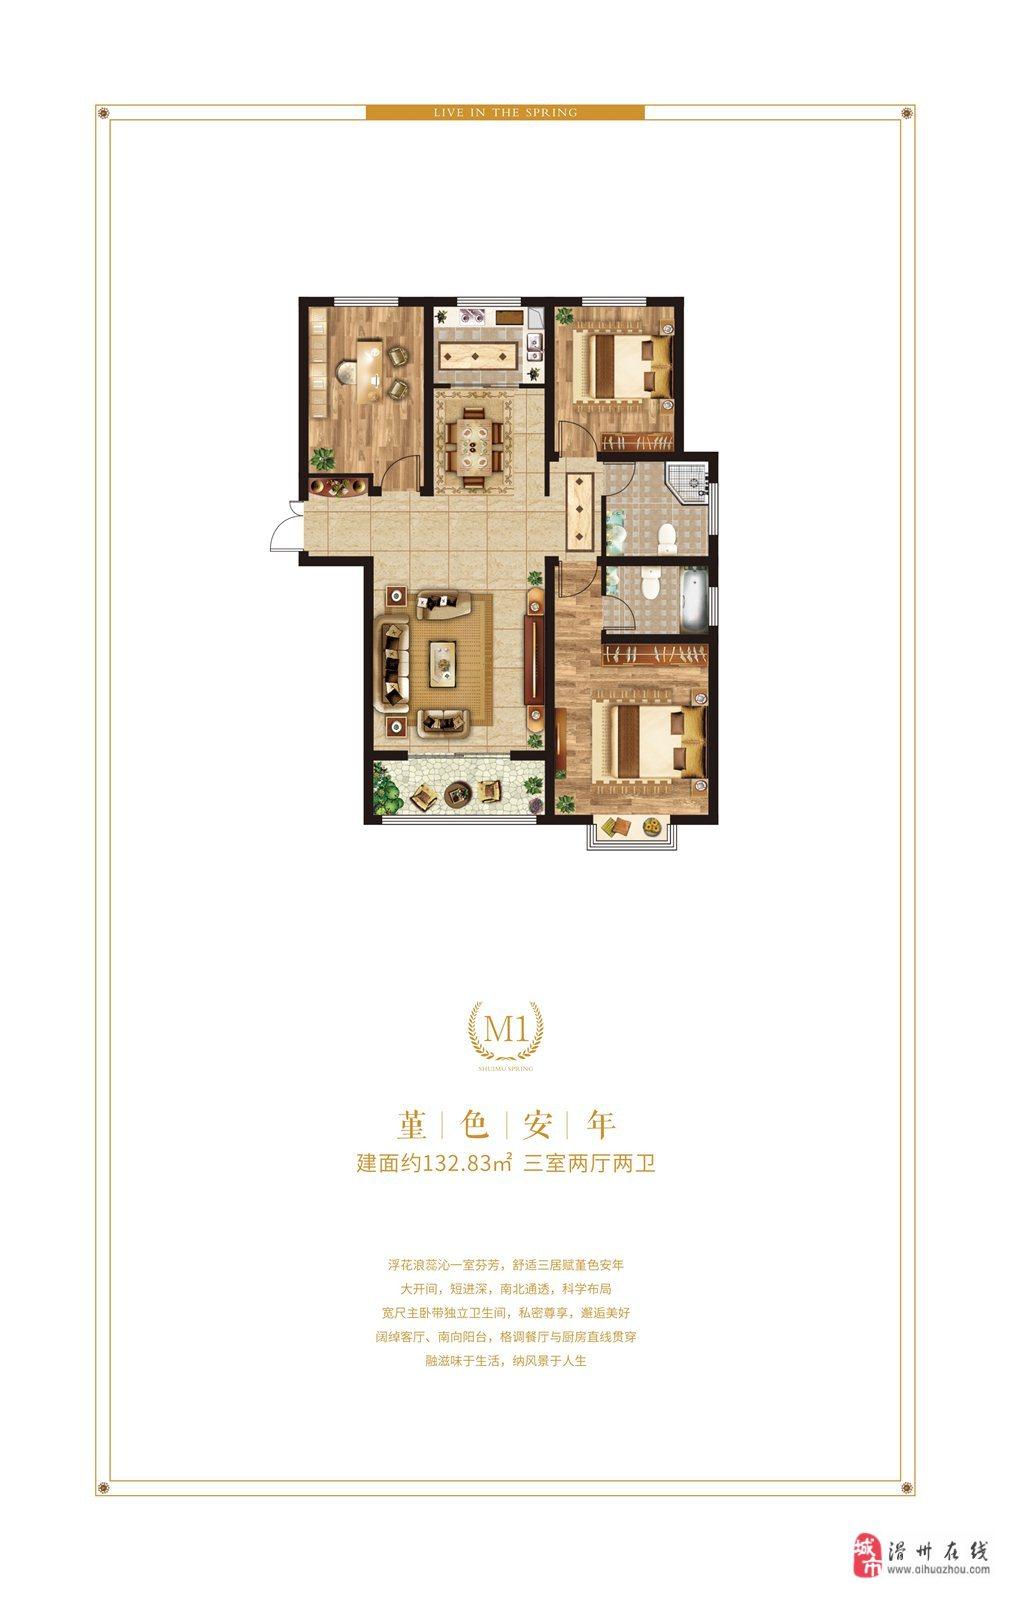 水木春天3室2厅2卫54.5万元